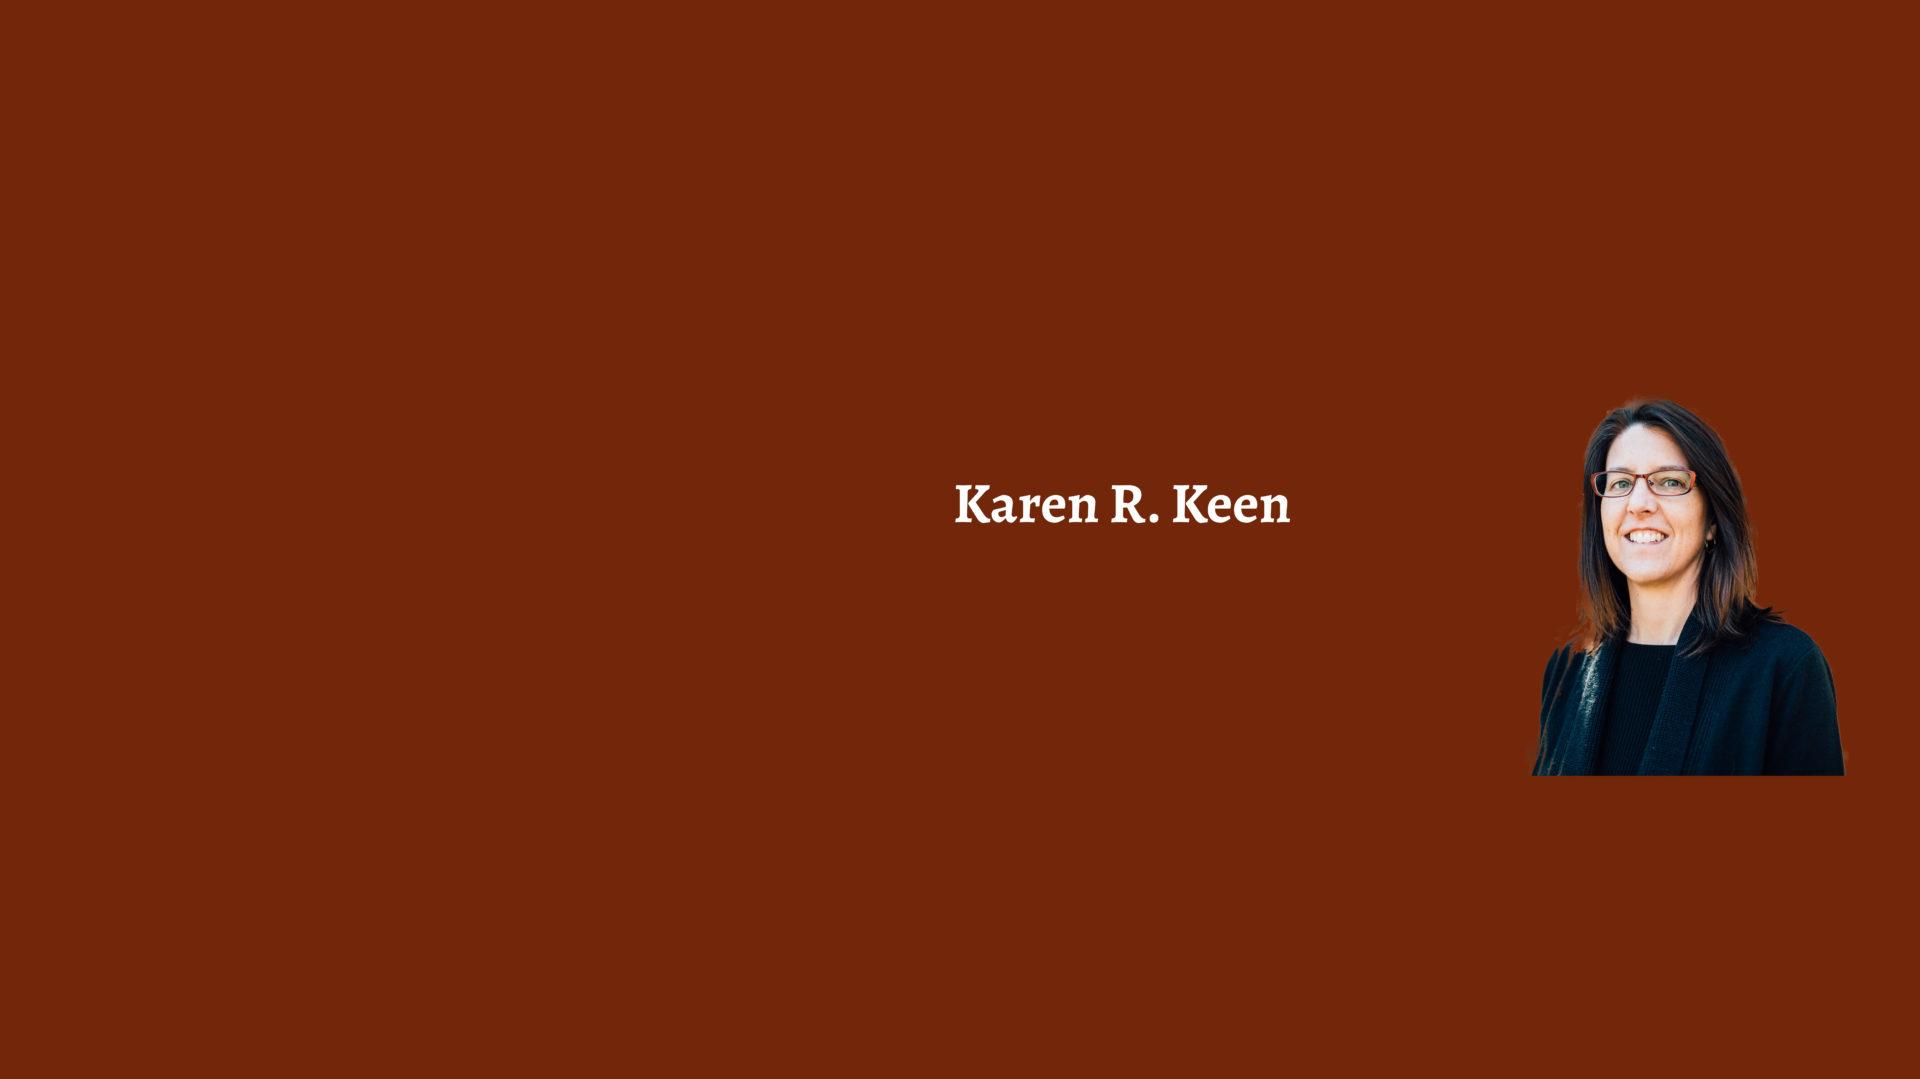 Karen R. Keen